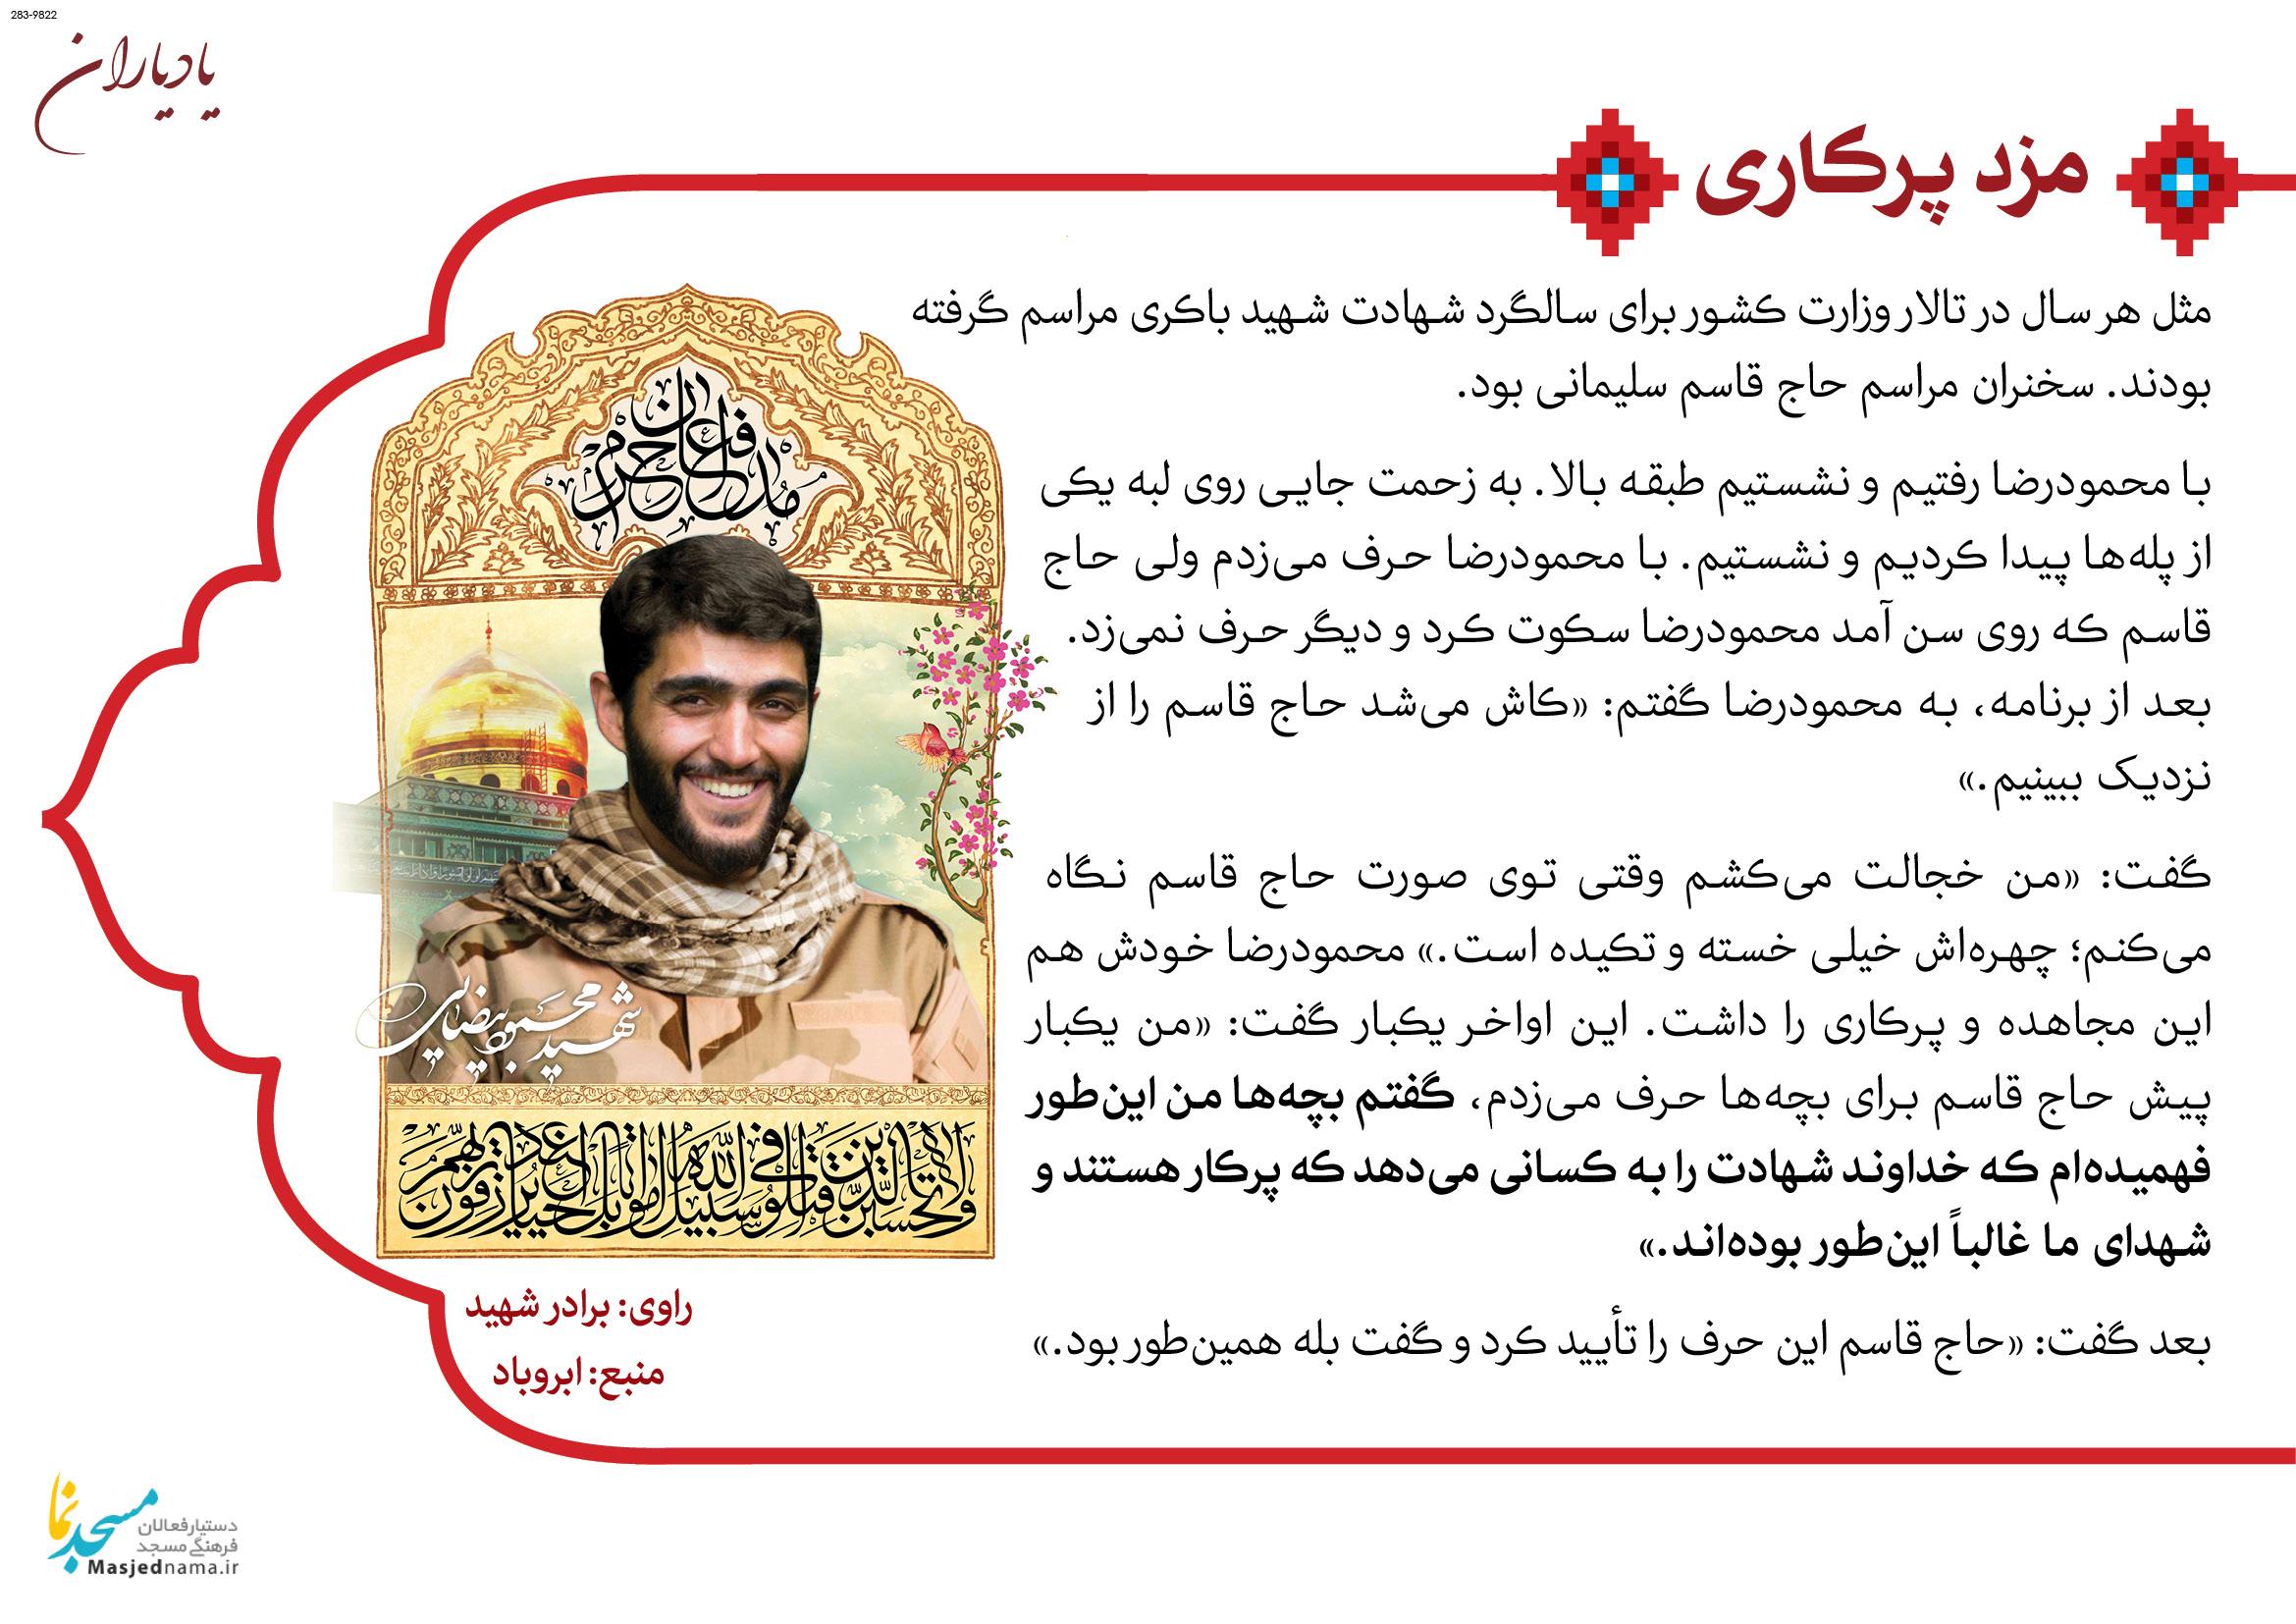 شهید مدافع حرم محمودرضا بیضایی